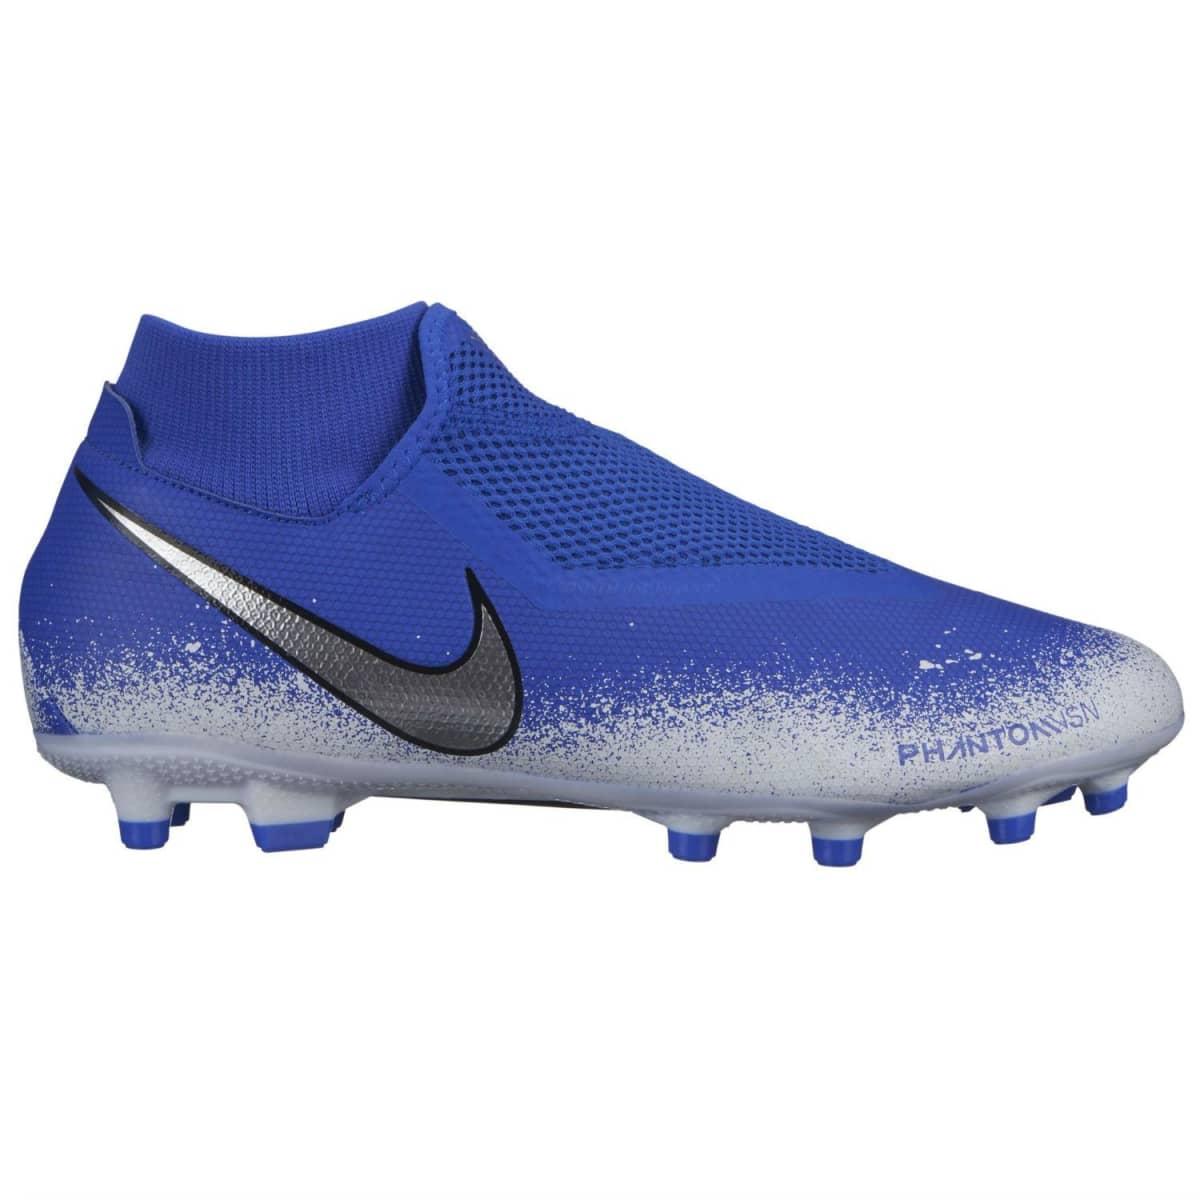 9685311ae89 Product Image. Nike Phantom VSN Academy DF FG MG